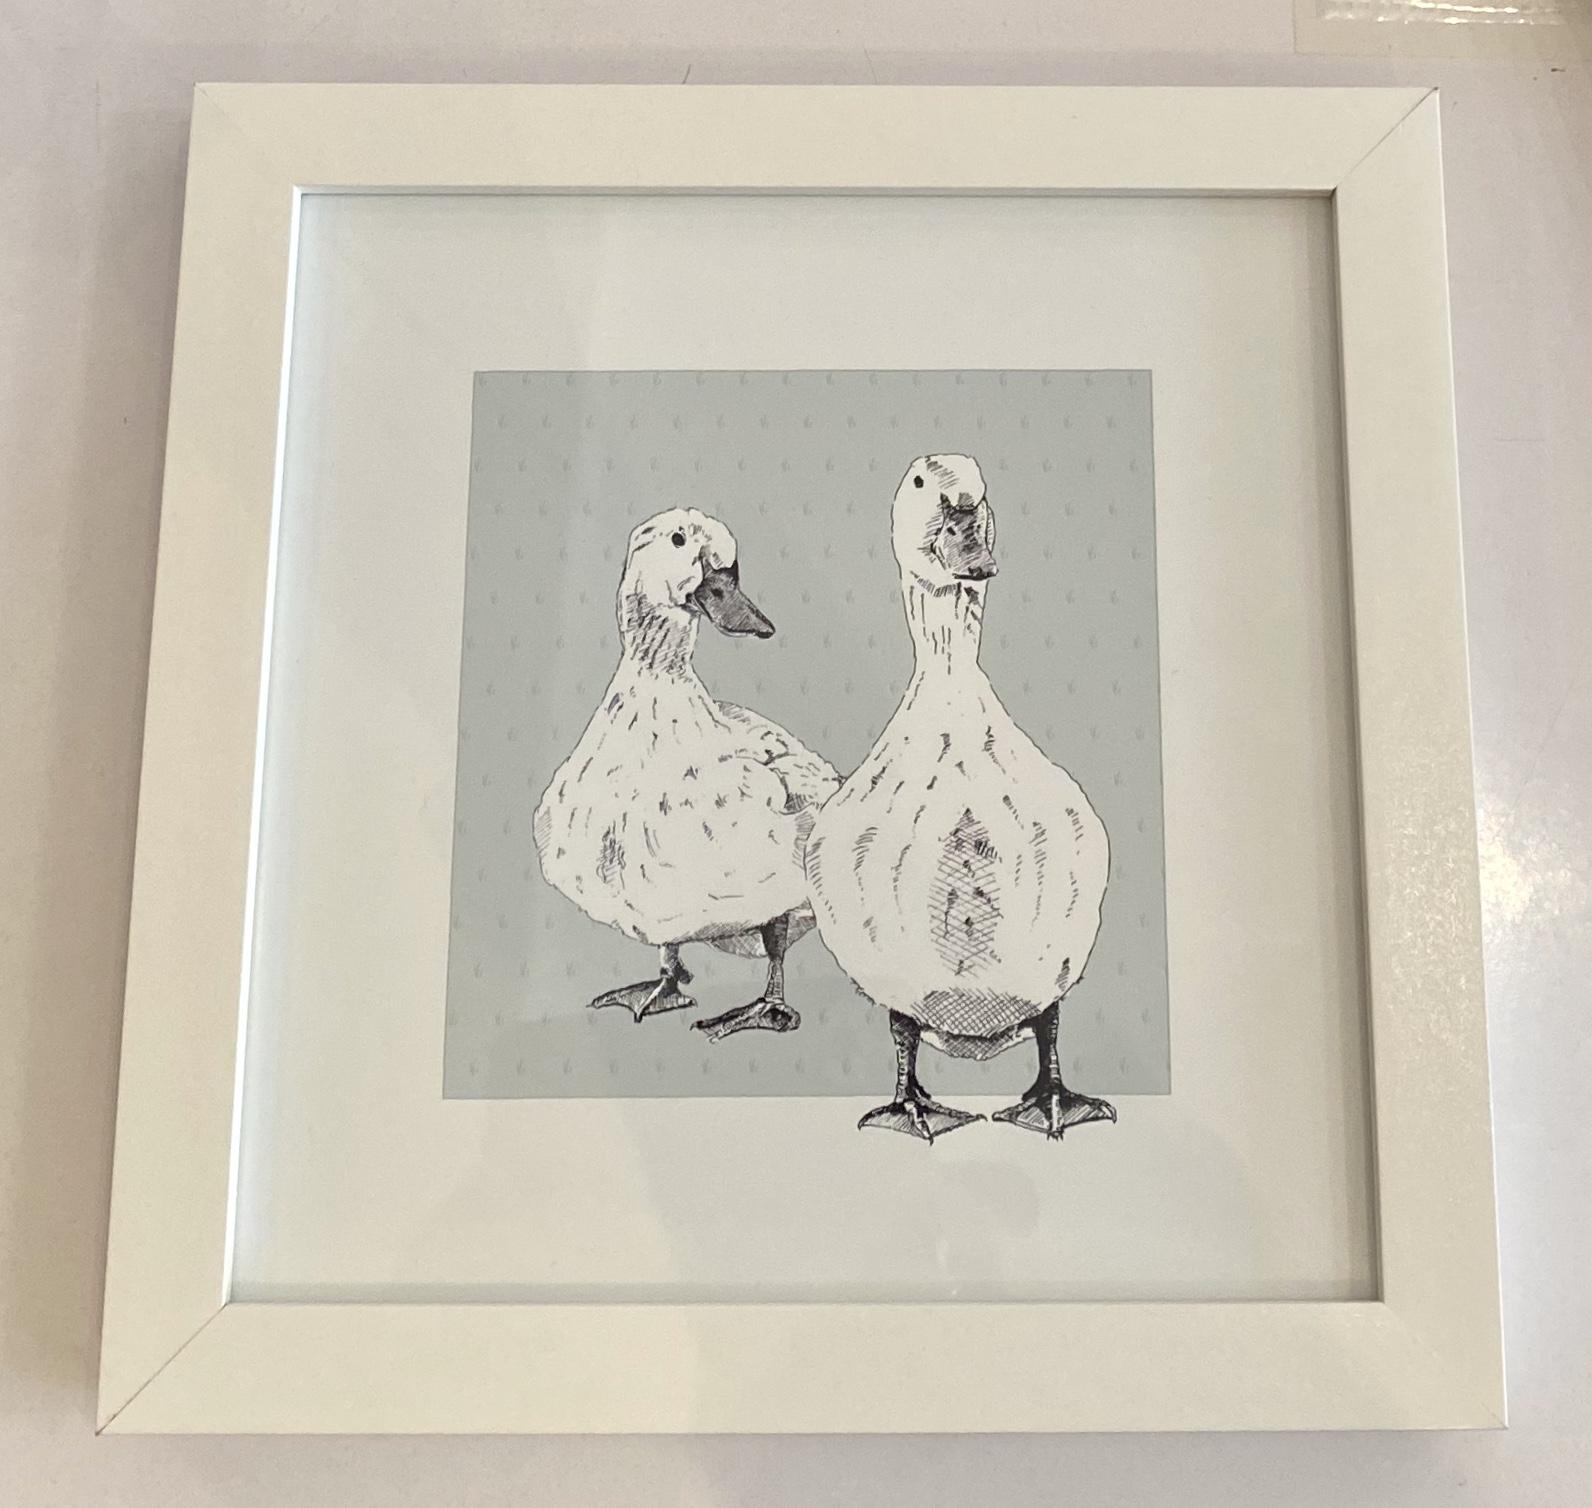 Framed duck print